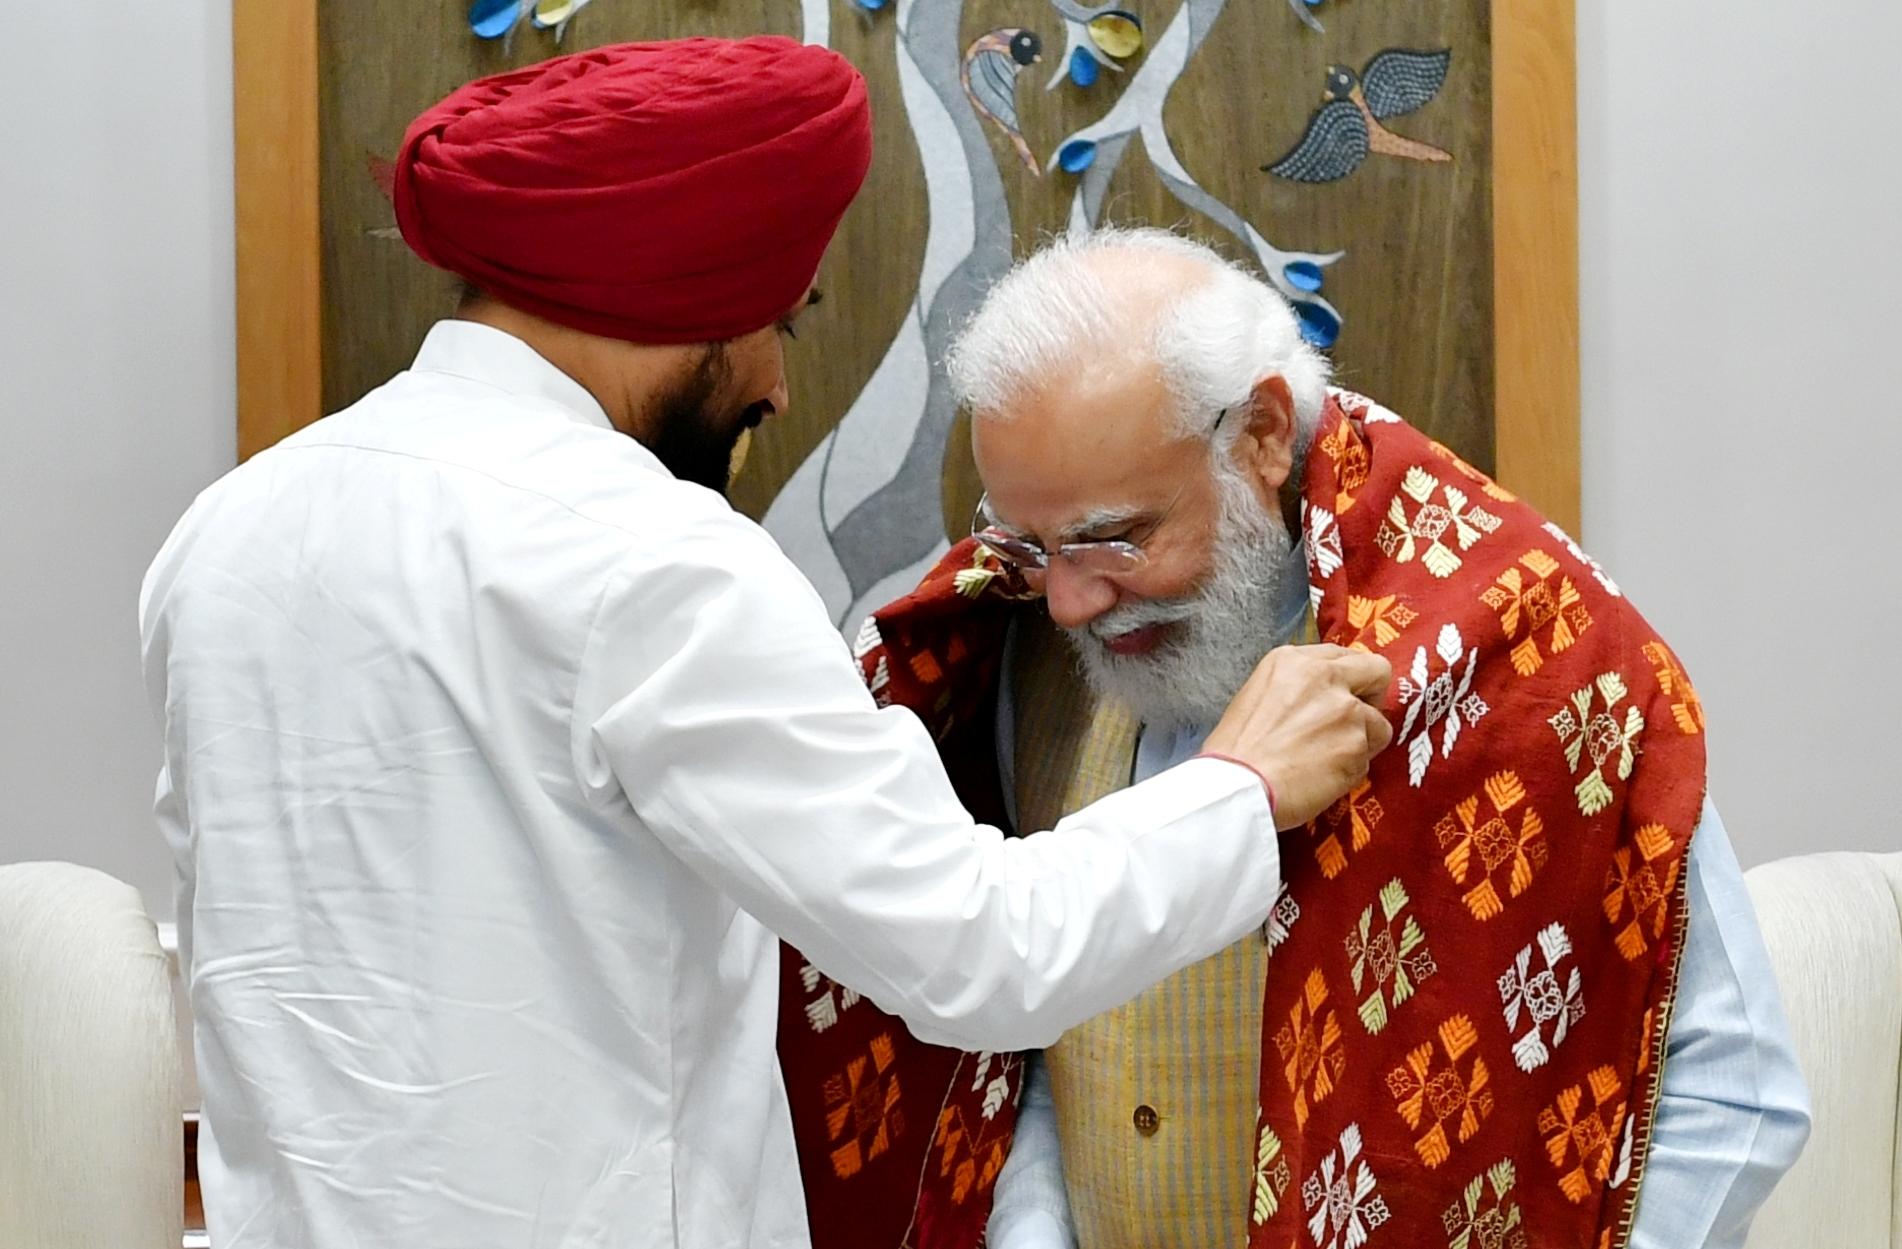 चन्नी की तरफ से प्रधानमंत्री को किसानों के साथ बातचीत फिर से शुरू करके किसानी संकट सुलझाने की अपील